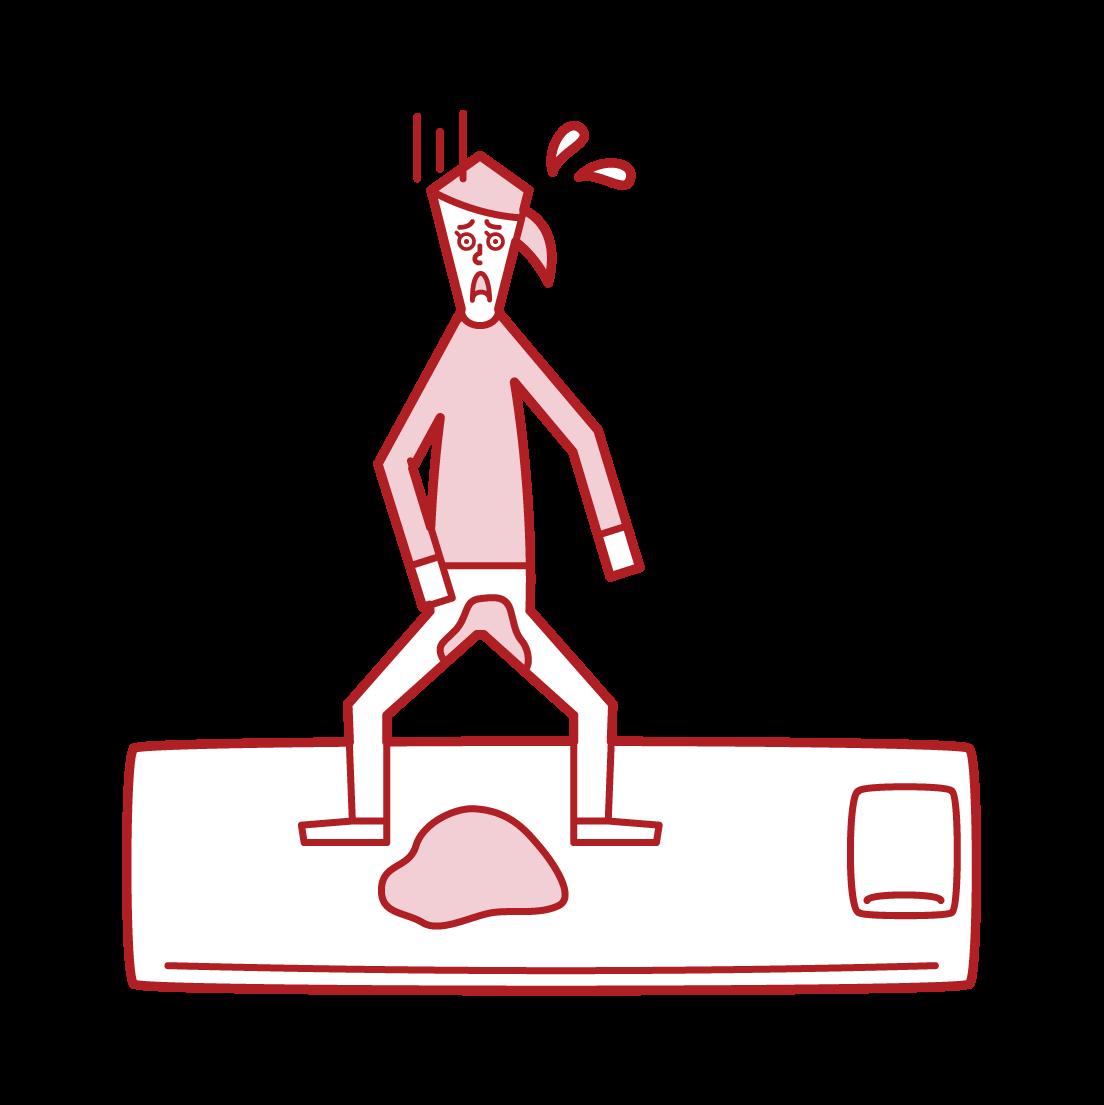 おねしょ・夜尿症(女子)のイラスト